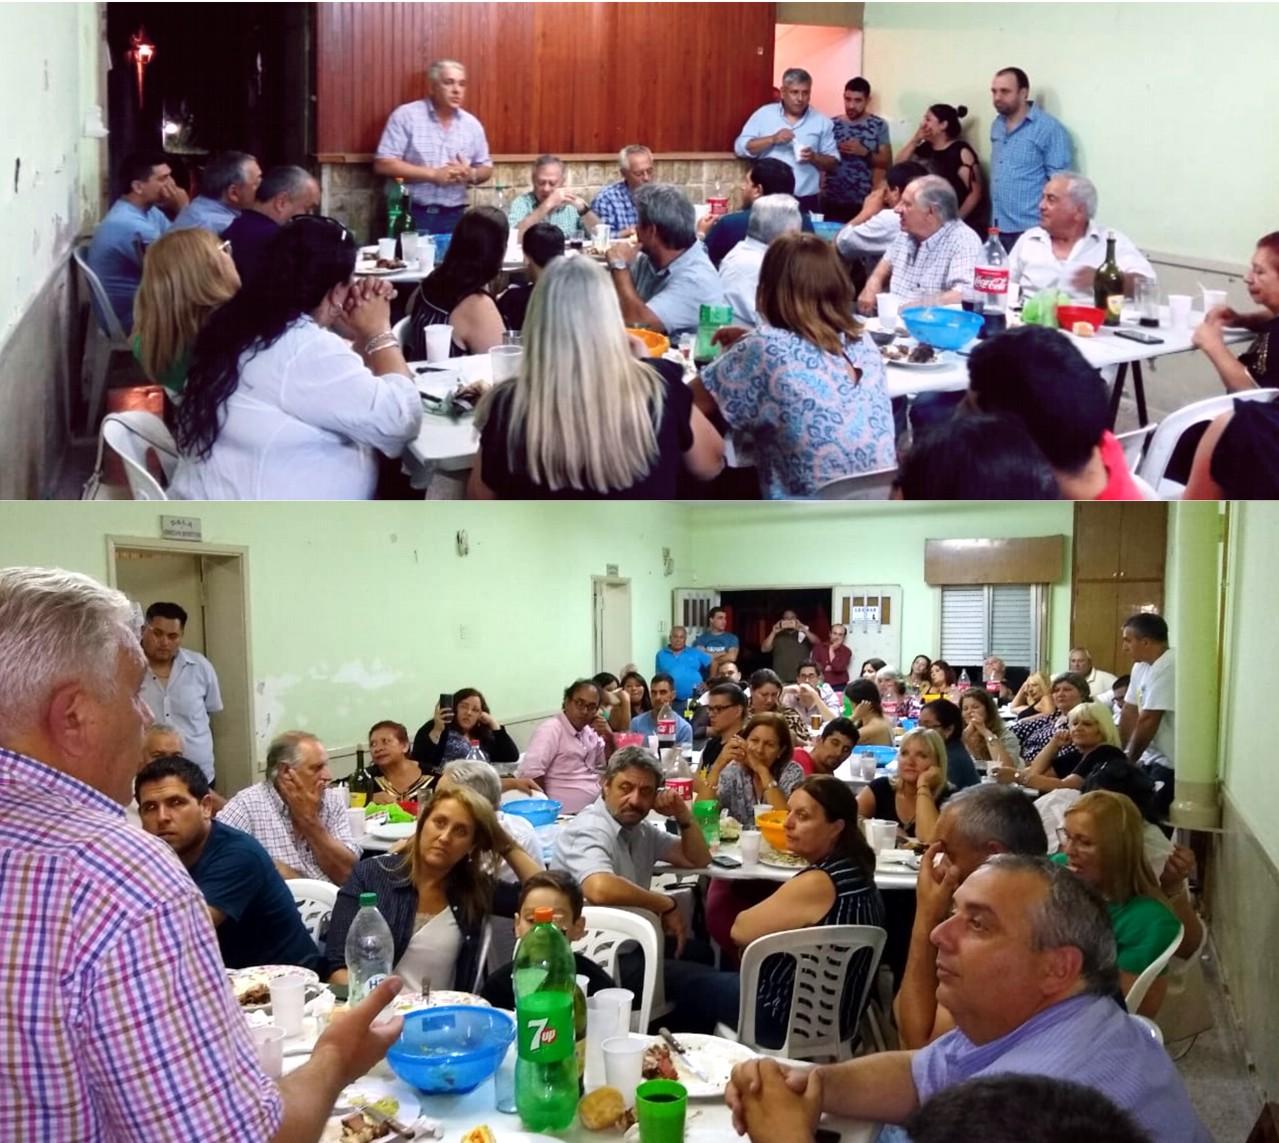 El viernes por la noche, la Agrupación Unidad y Esperanza Justicialista que conduce Manuel Elías, realizó una reunión para analizar lo ocurrido durante el año 2018 y las perspectivas para 2019.